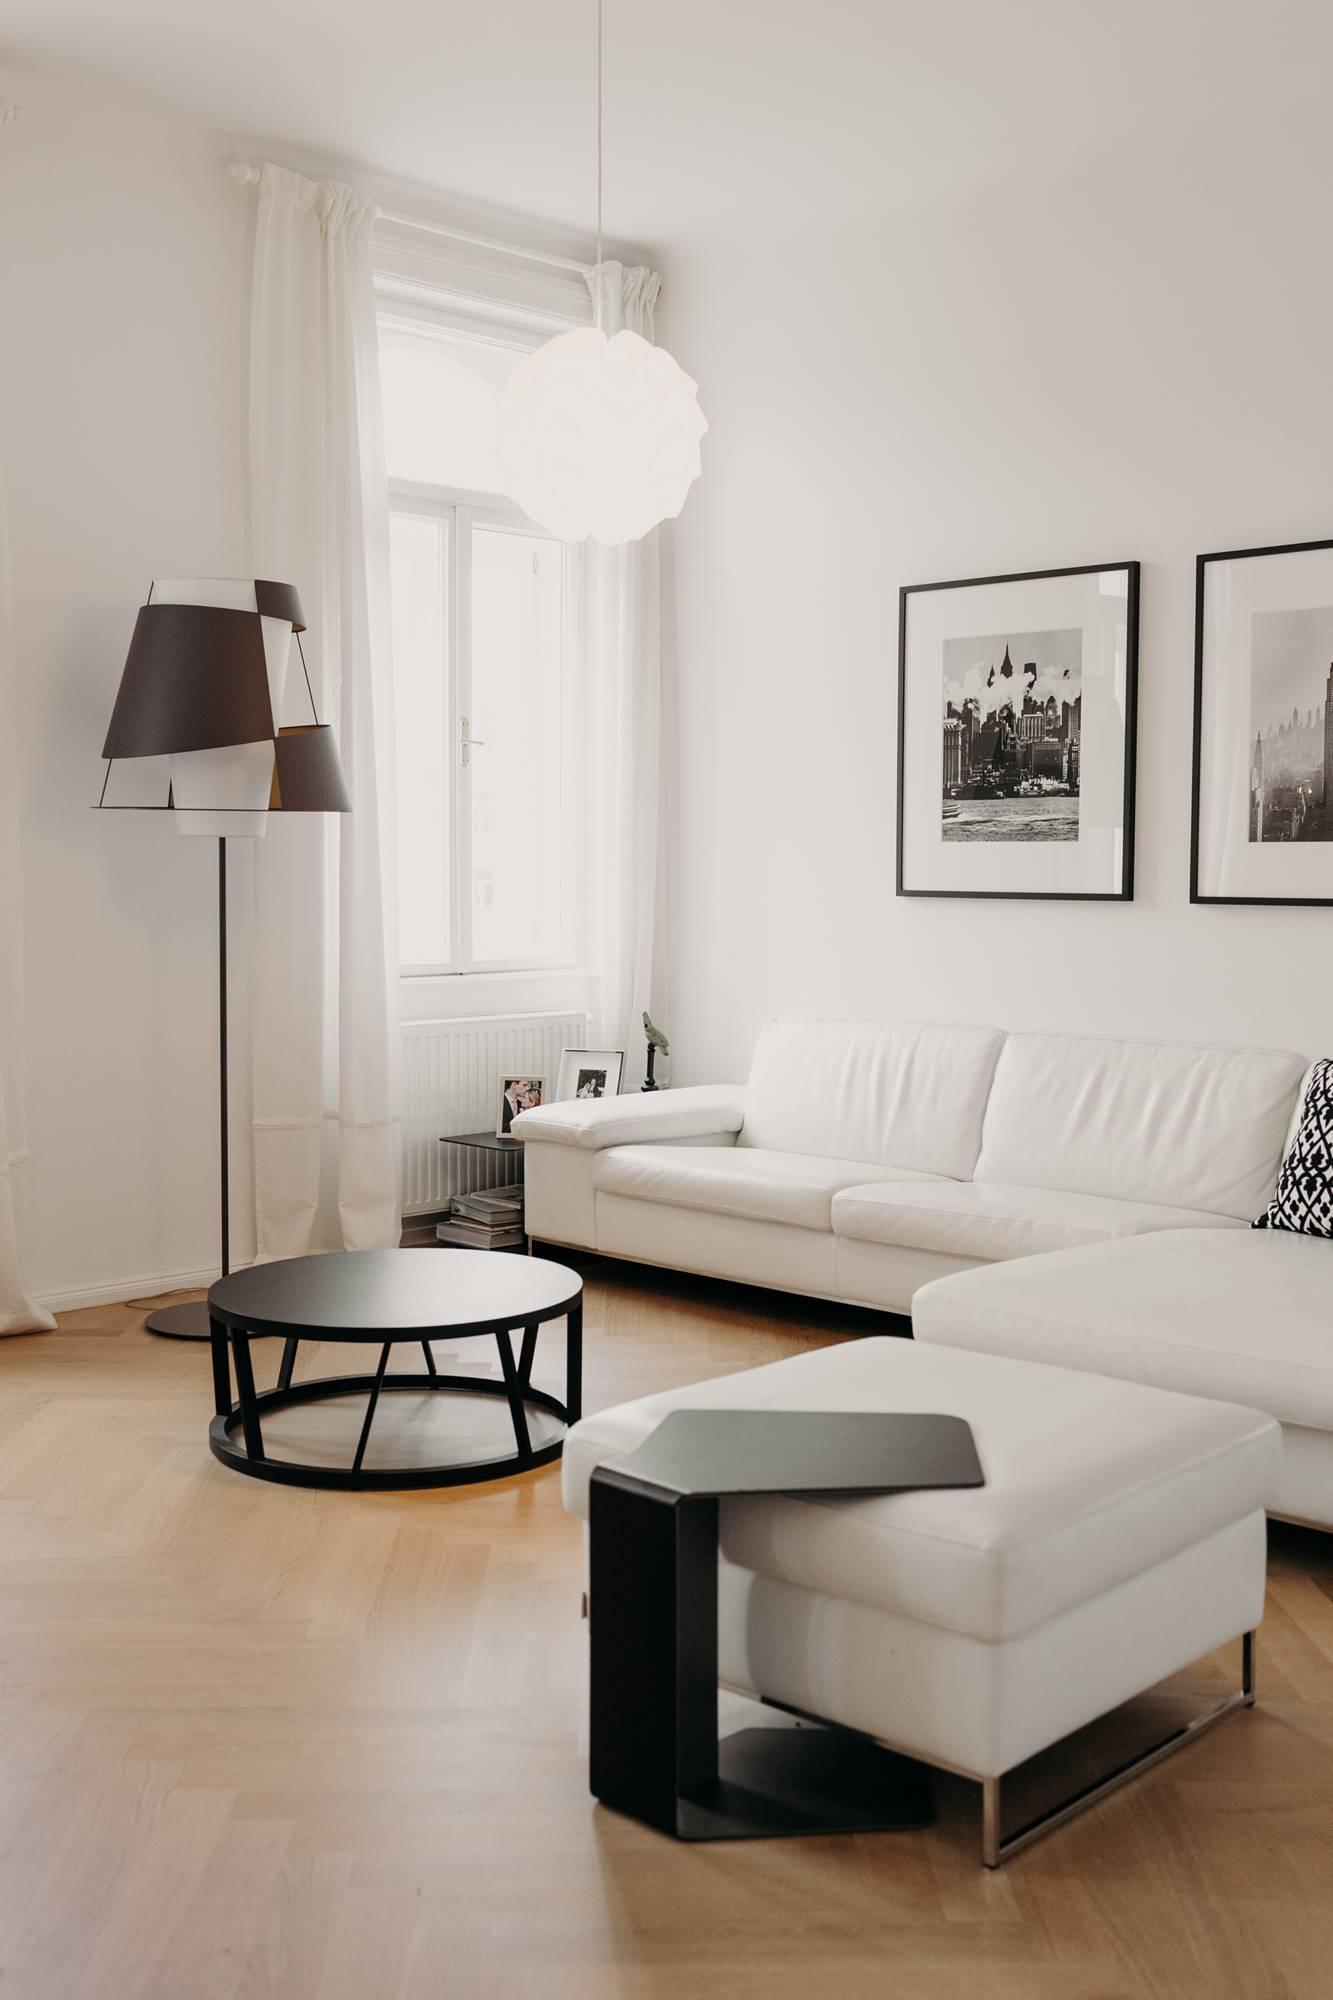 Wohnzimmer in Weiß - Wiener Wohnsinnige Homestory